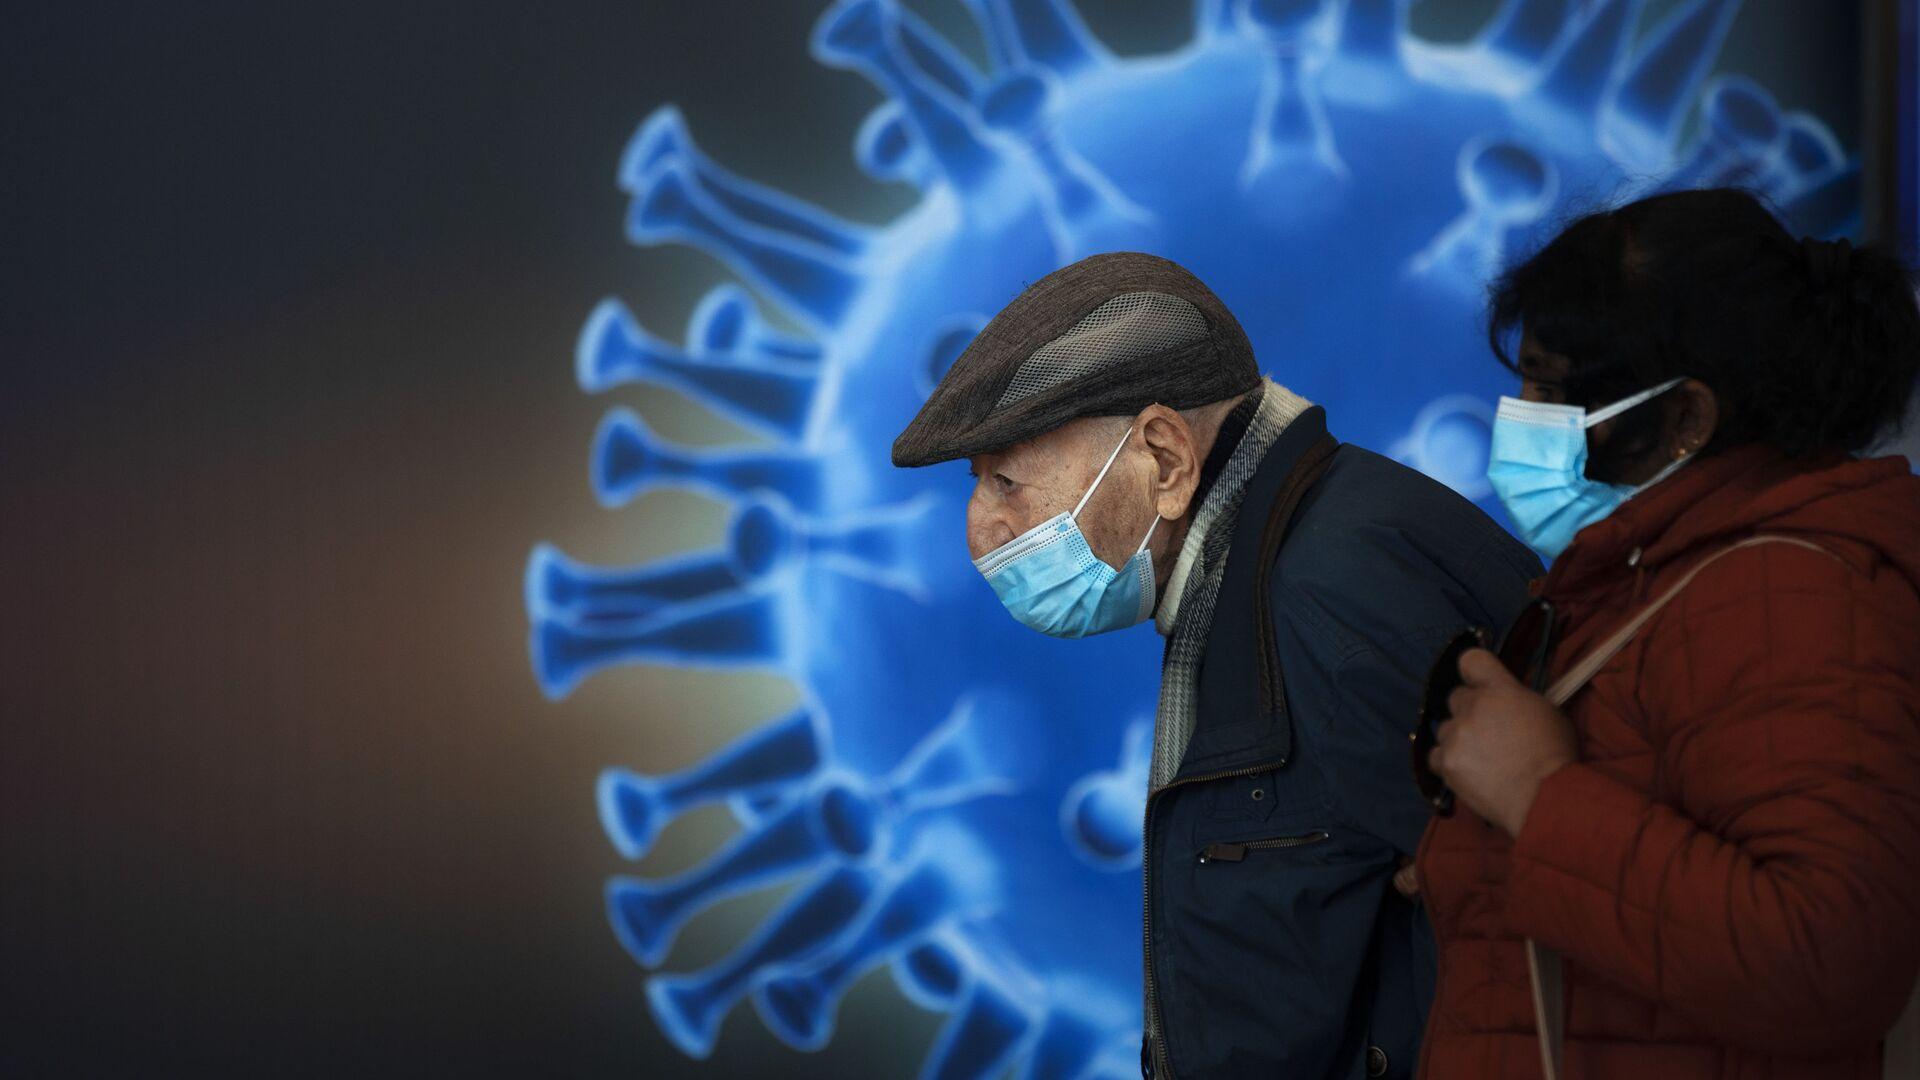 Ludzie w maskach czekają na szczepionkę w centrum szczepień COVID-19 w Jerozolimie - Sputnik Polska, 1920, 02.02.2021